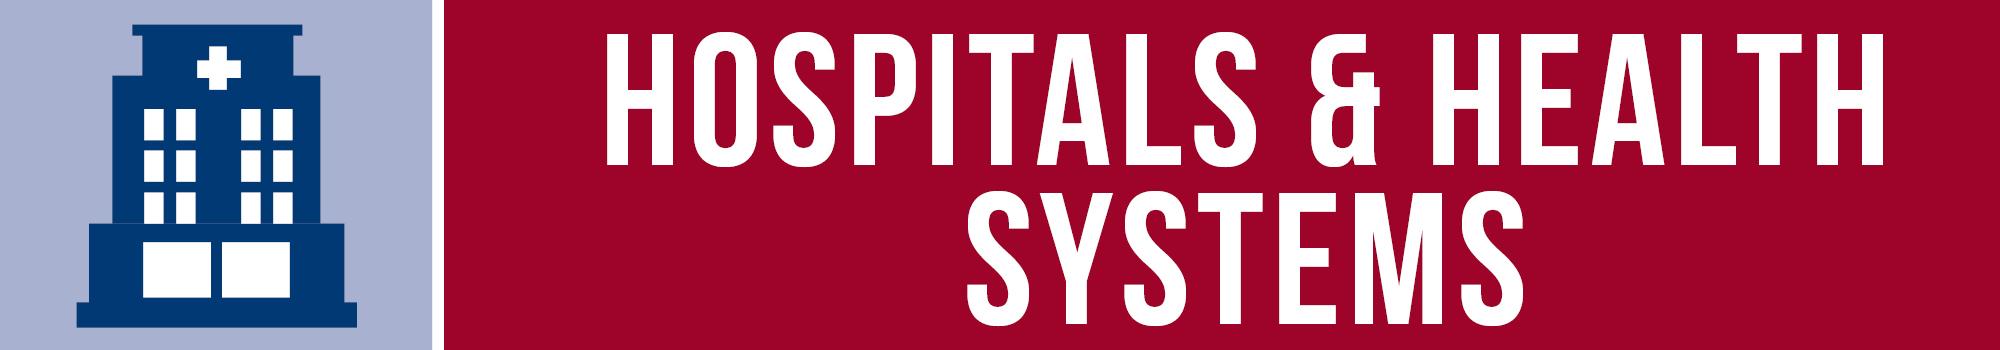 lp-hospitals